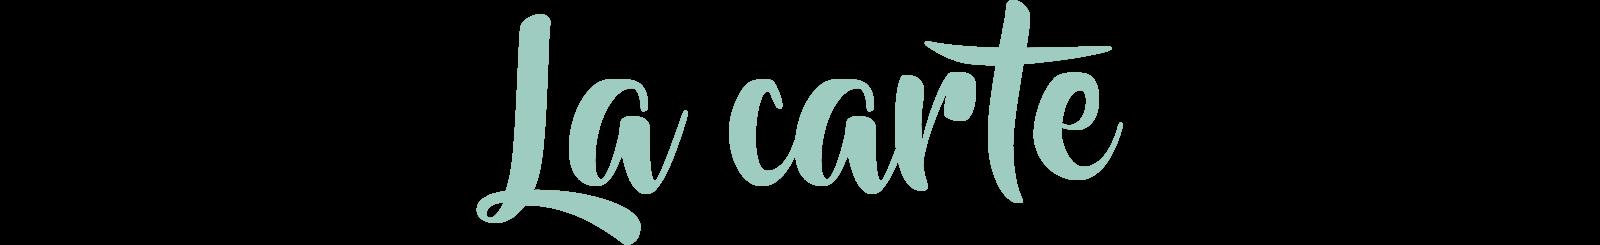 La carte du Tout Petit Café, produits locaux